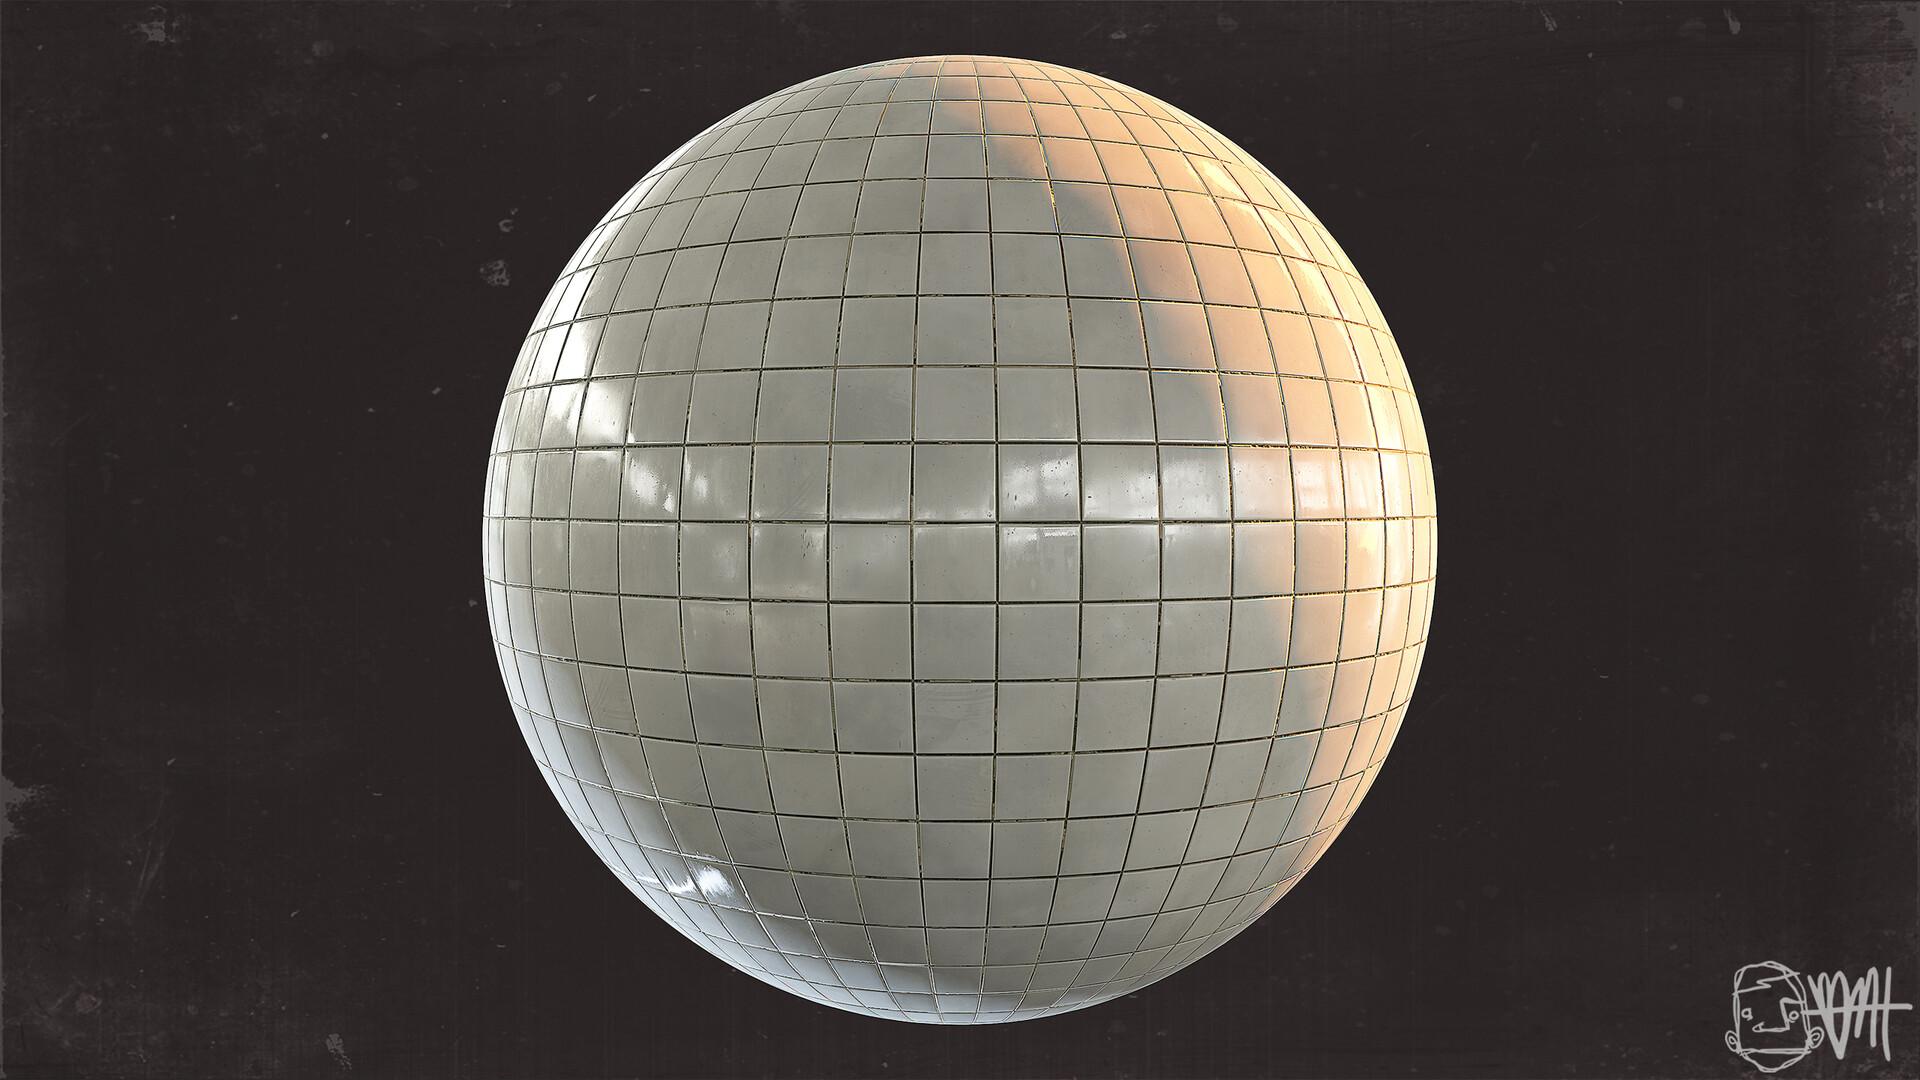 Brett marshall tucker subway tile sphere render